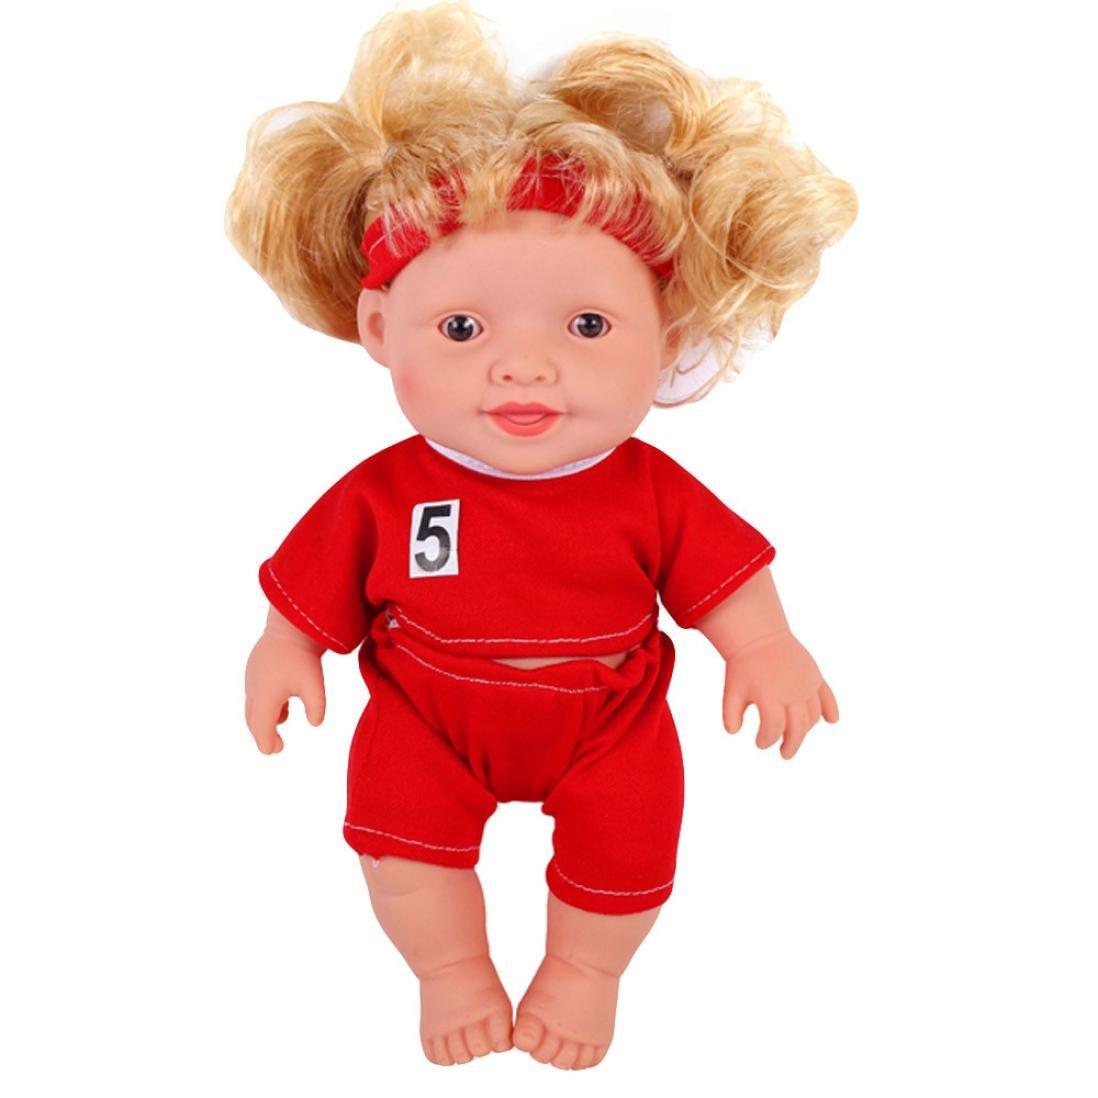 'The World-Plüschspielzeug von Mamum, Russland (Fifa World Cup, beweglich, Puppe, Spielzeug, Geschenk, Spielzeug Einheitsgröße a